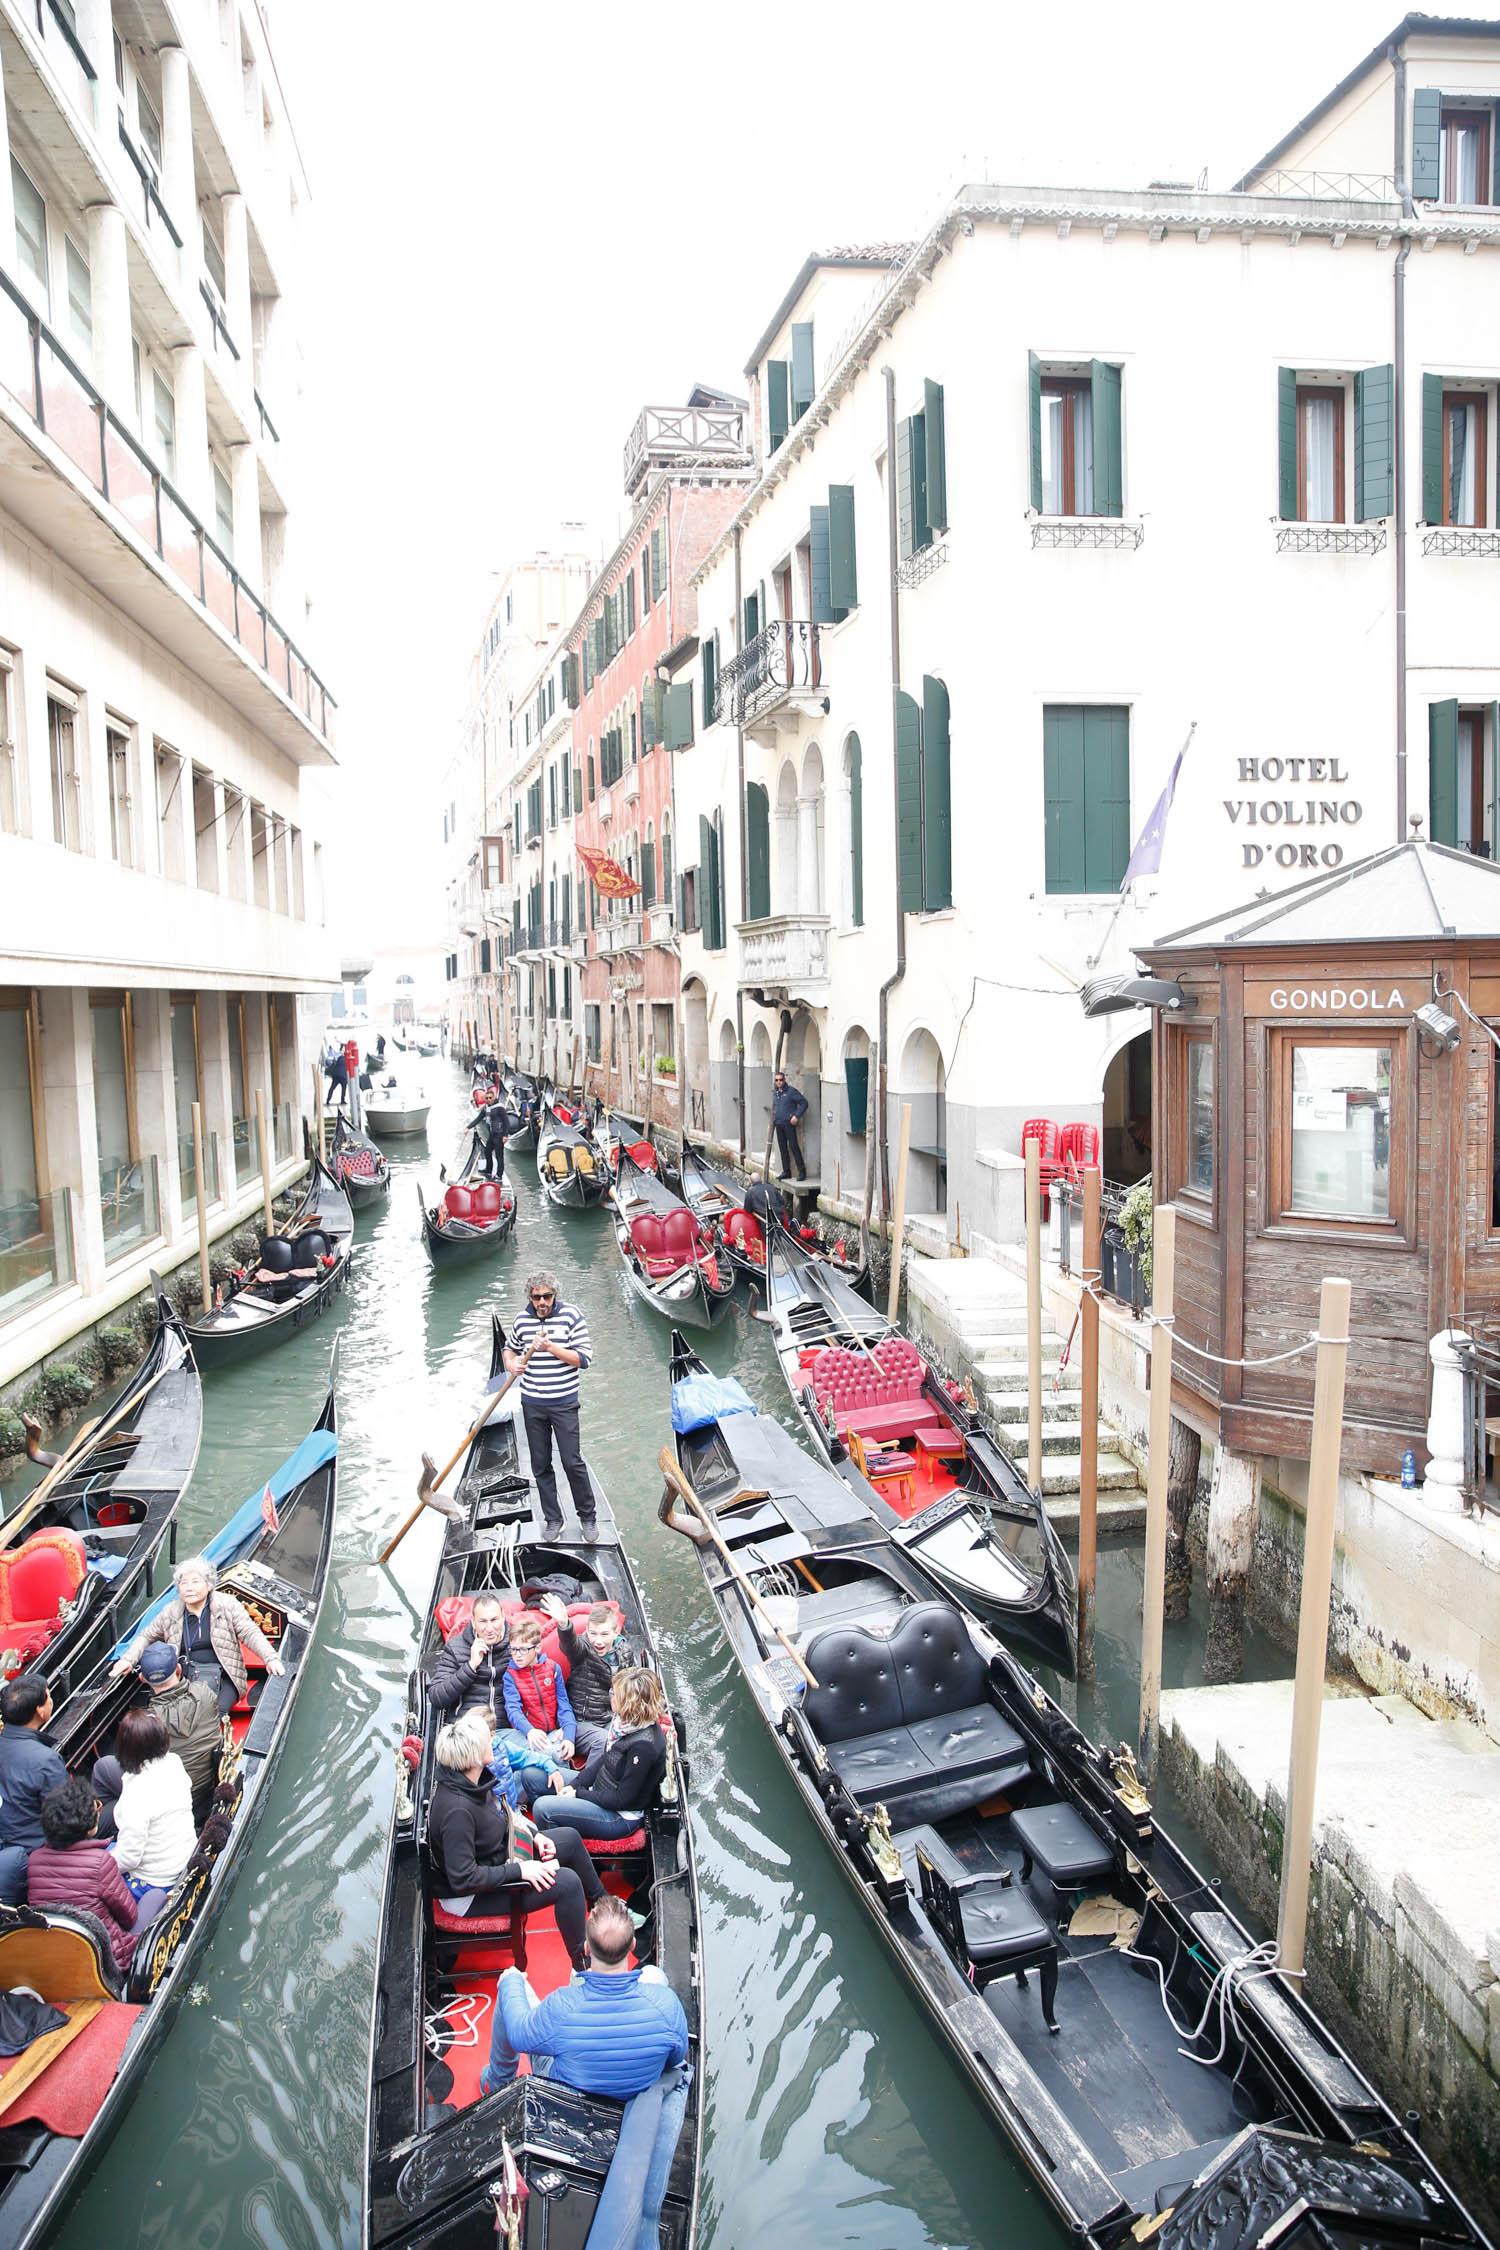 venice, italy, venezia, venice travel diary, alyson haley, gondola ride, gondola